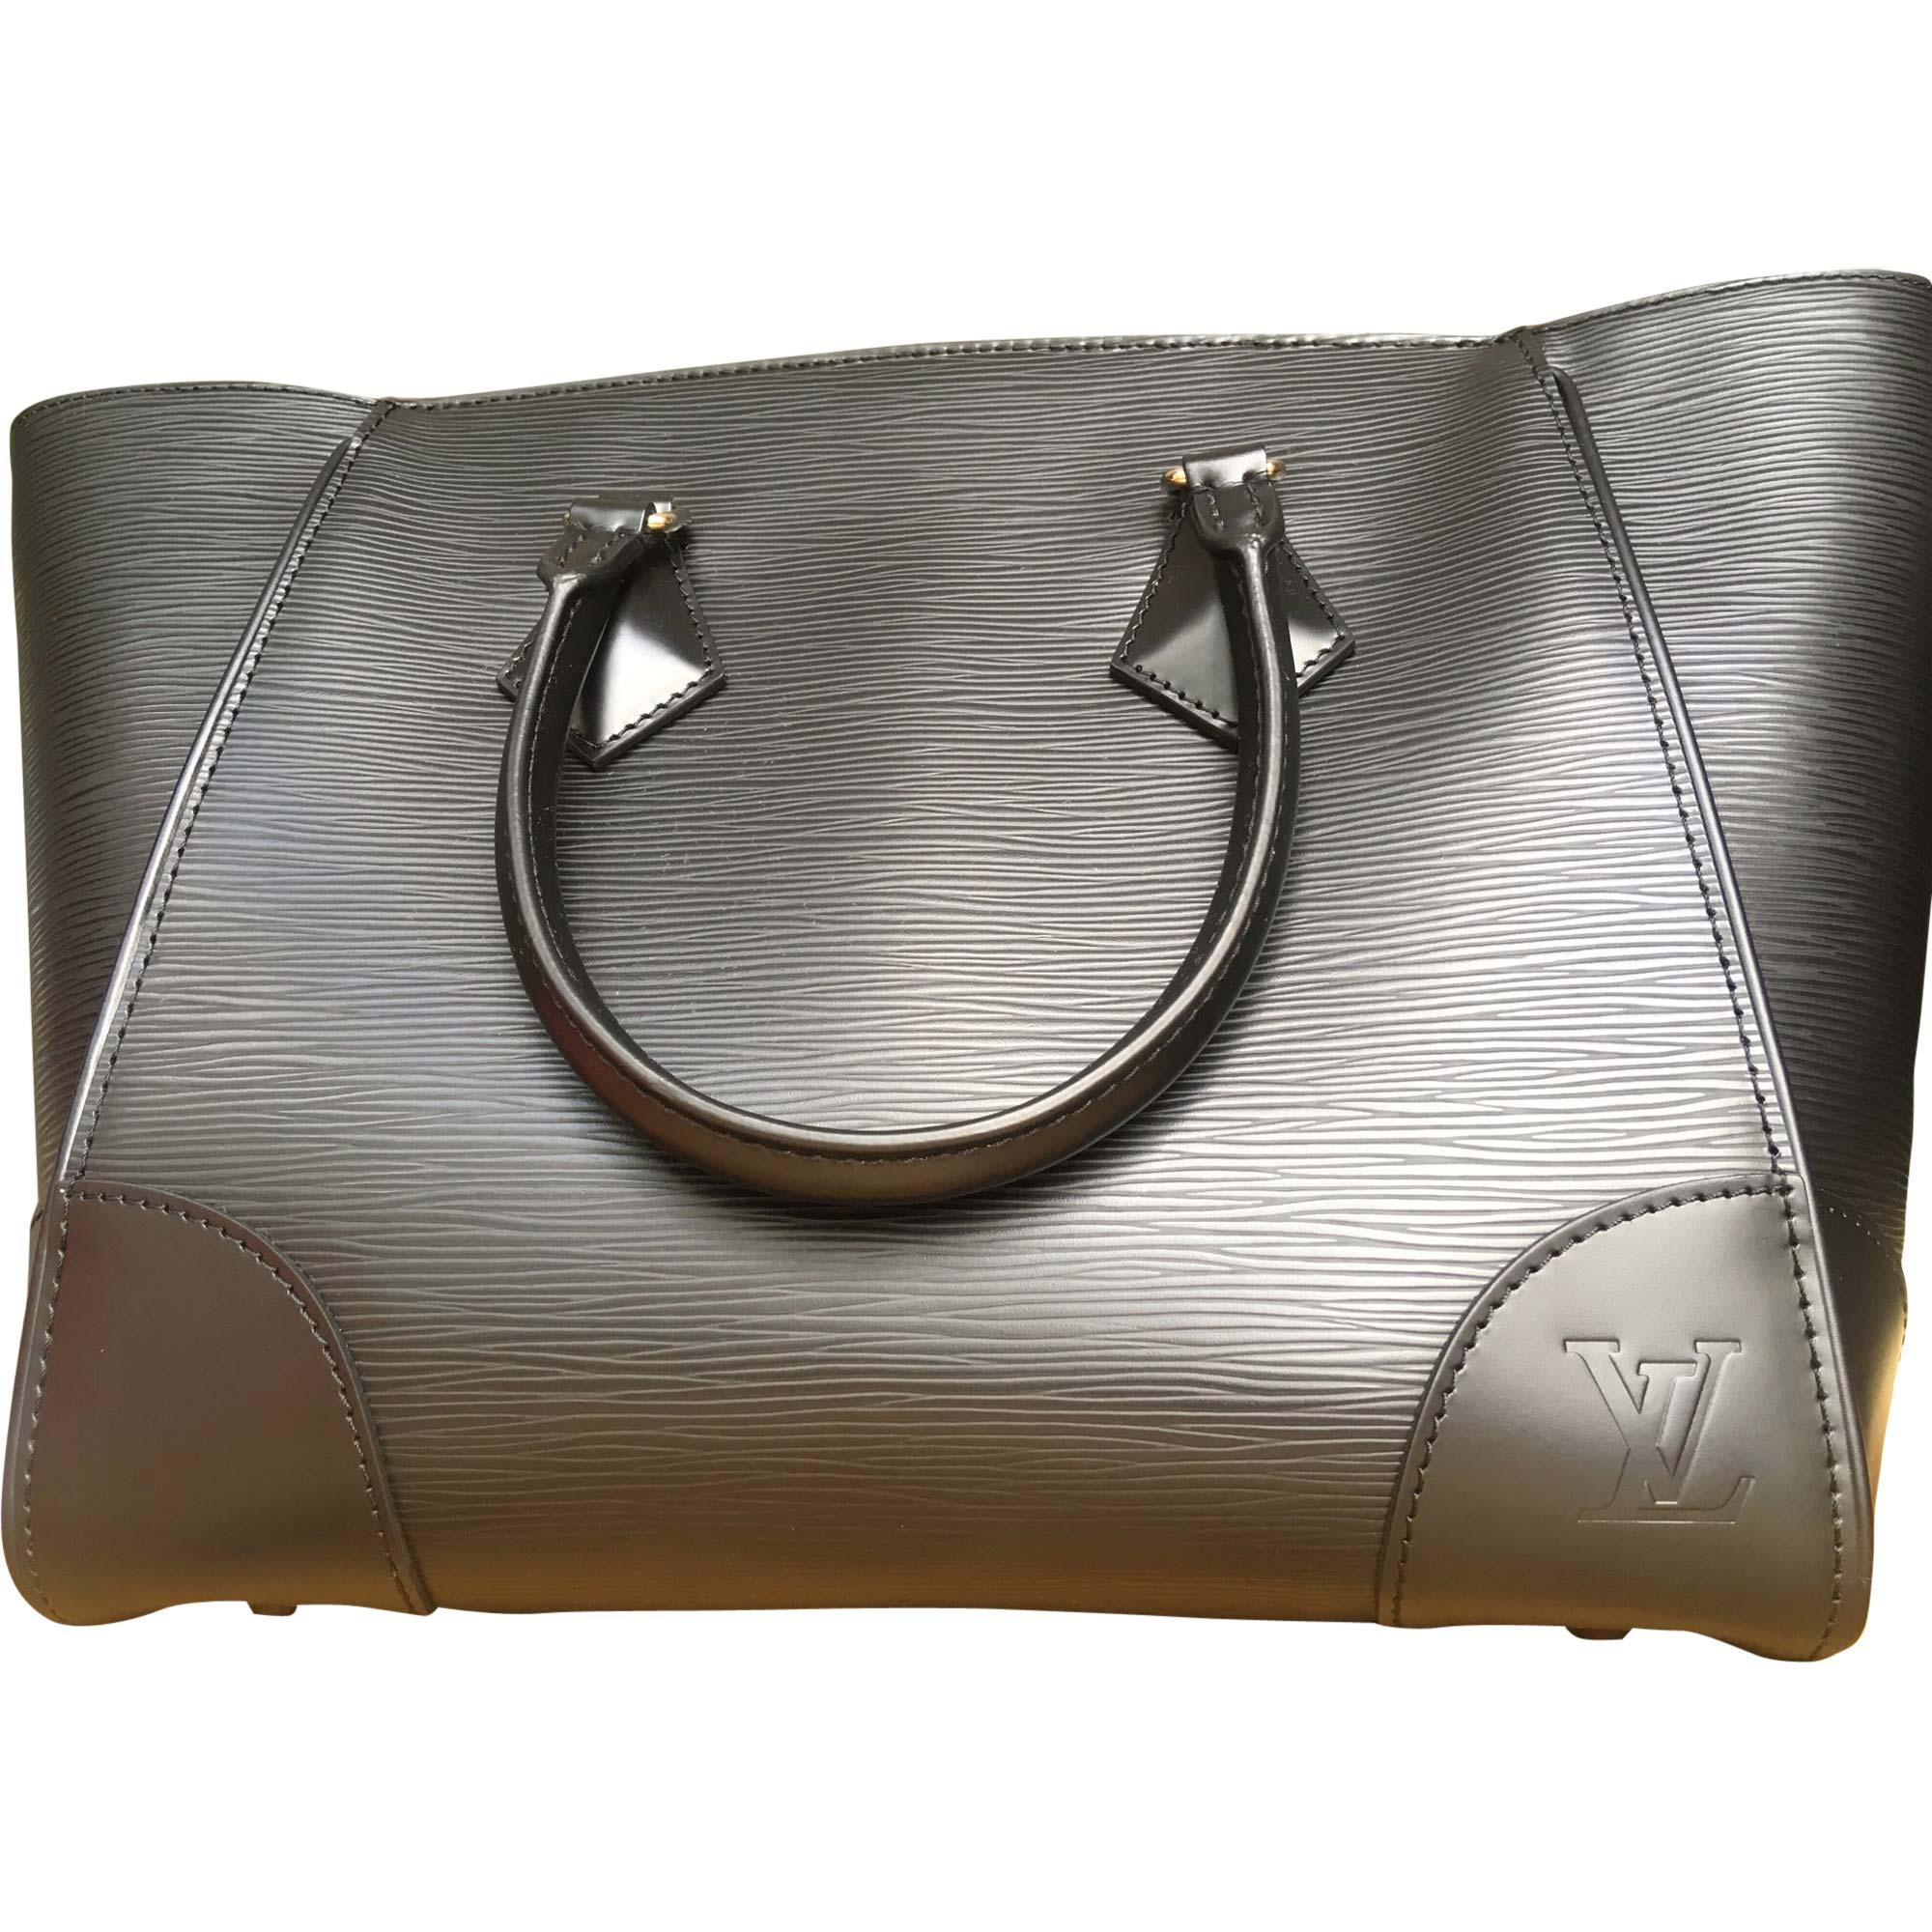 Sac à main en cuir LOUIS VUITTON noir vendu par Eugénie 476 - 7908691 a105aa4a96d